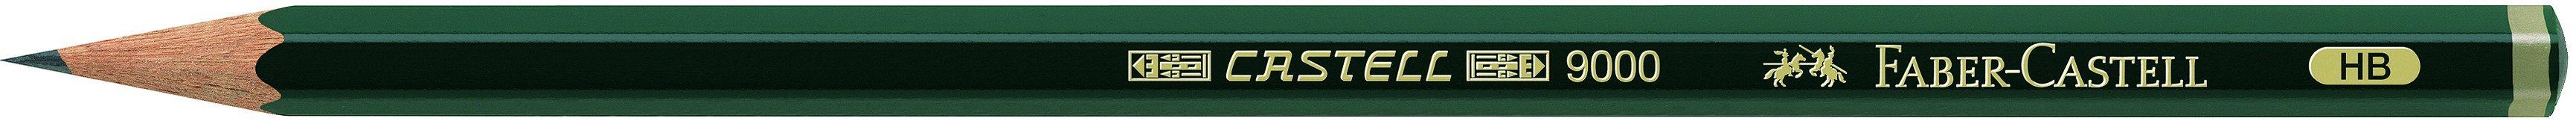 Faber-Castell Bleistift CASTELL® 9000, HB, Schaftfarbe: dunkelgrün